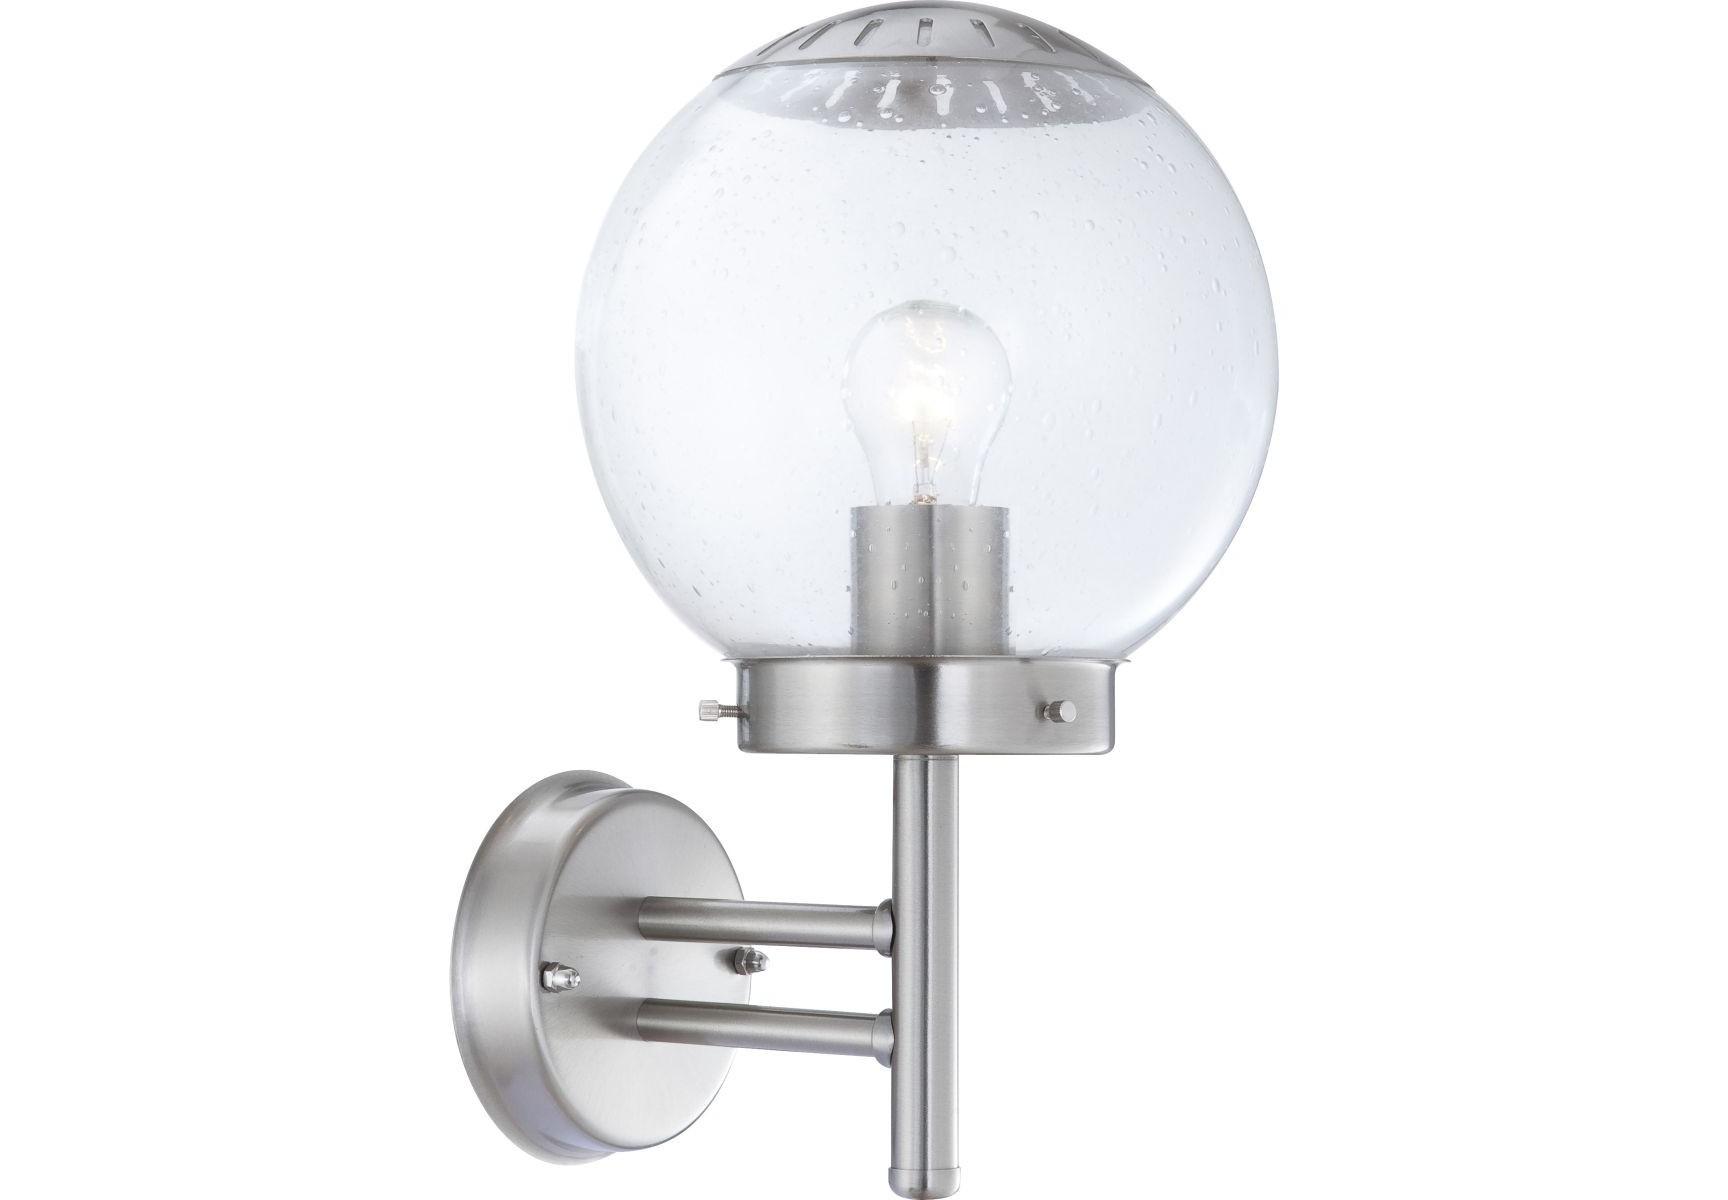 Светильник уличныйУличные настенные светильники<br>&amp;lt;div&amp;gt;Вид цоколя: E27&amp;lt;/div&amp;gt;&amp;lt;div&amp;gt;Мощность: 60W&amp;lt;/div&amp;gt;&amp;lt;div&amp;gt;Количество ламп: 1&amp;lt;/div&amp;gt;<br><br>Material: Сталь<br>Width см: 20<br>Depth см: 24<br>Height см: 35